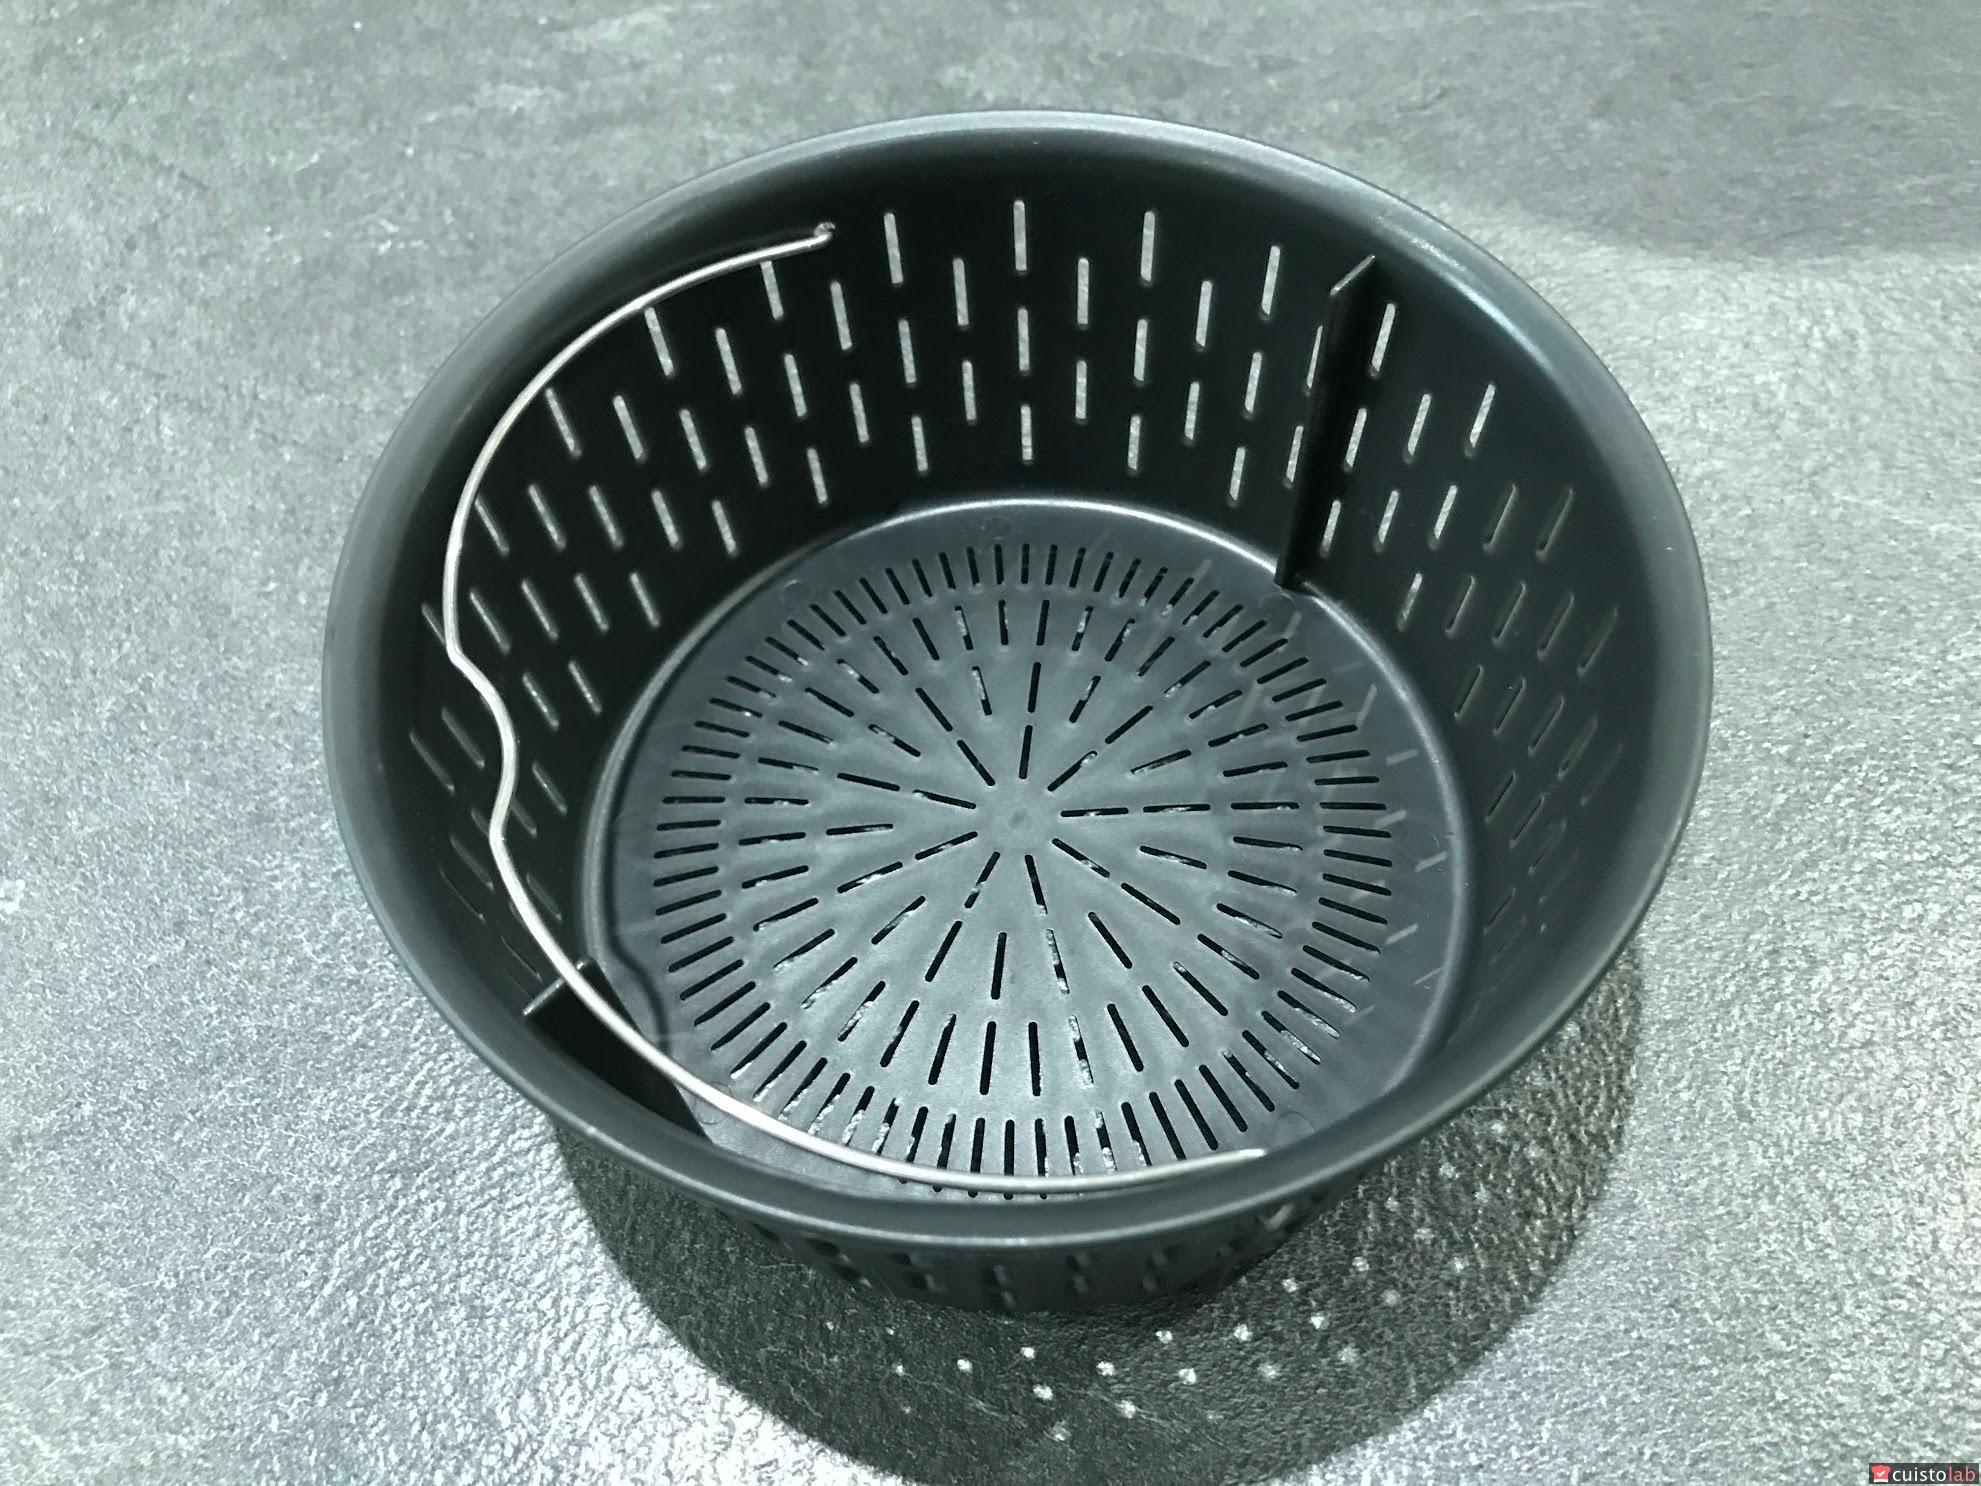 avis robot cuiseur monsieur cuisine editions plus de silvercrest lidl. Black Bedroom Furniture Sets. Home Design Ideas